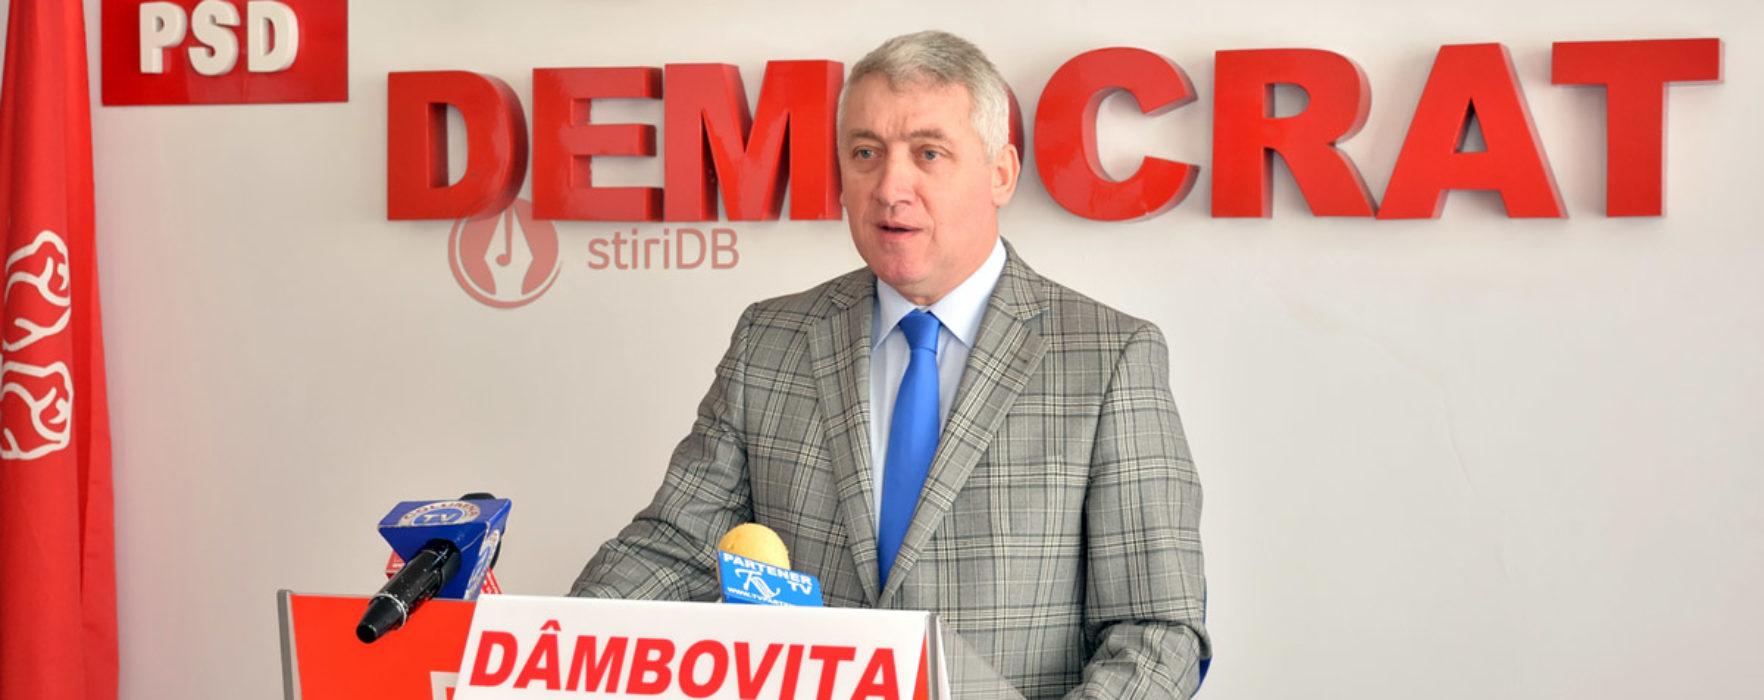 Adrian Ţuţuianu: CSM nu şi-a îndeplinit în 13 ani rolul de garant al independenţei Justiţiei